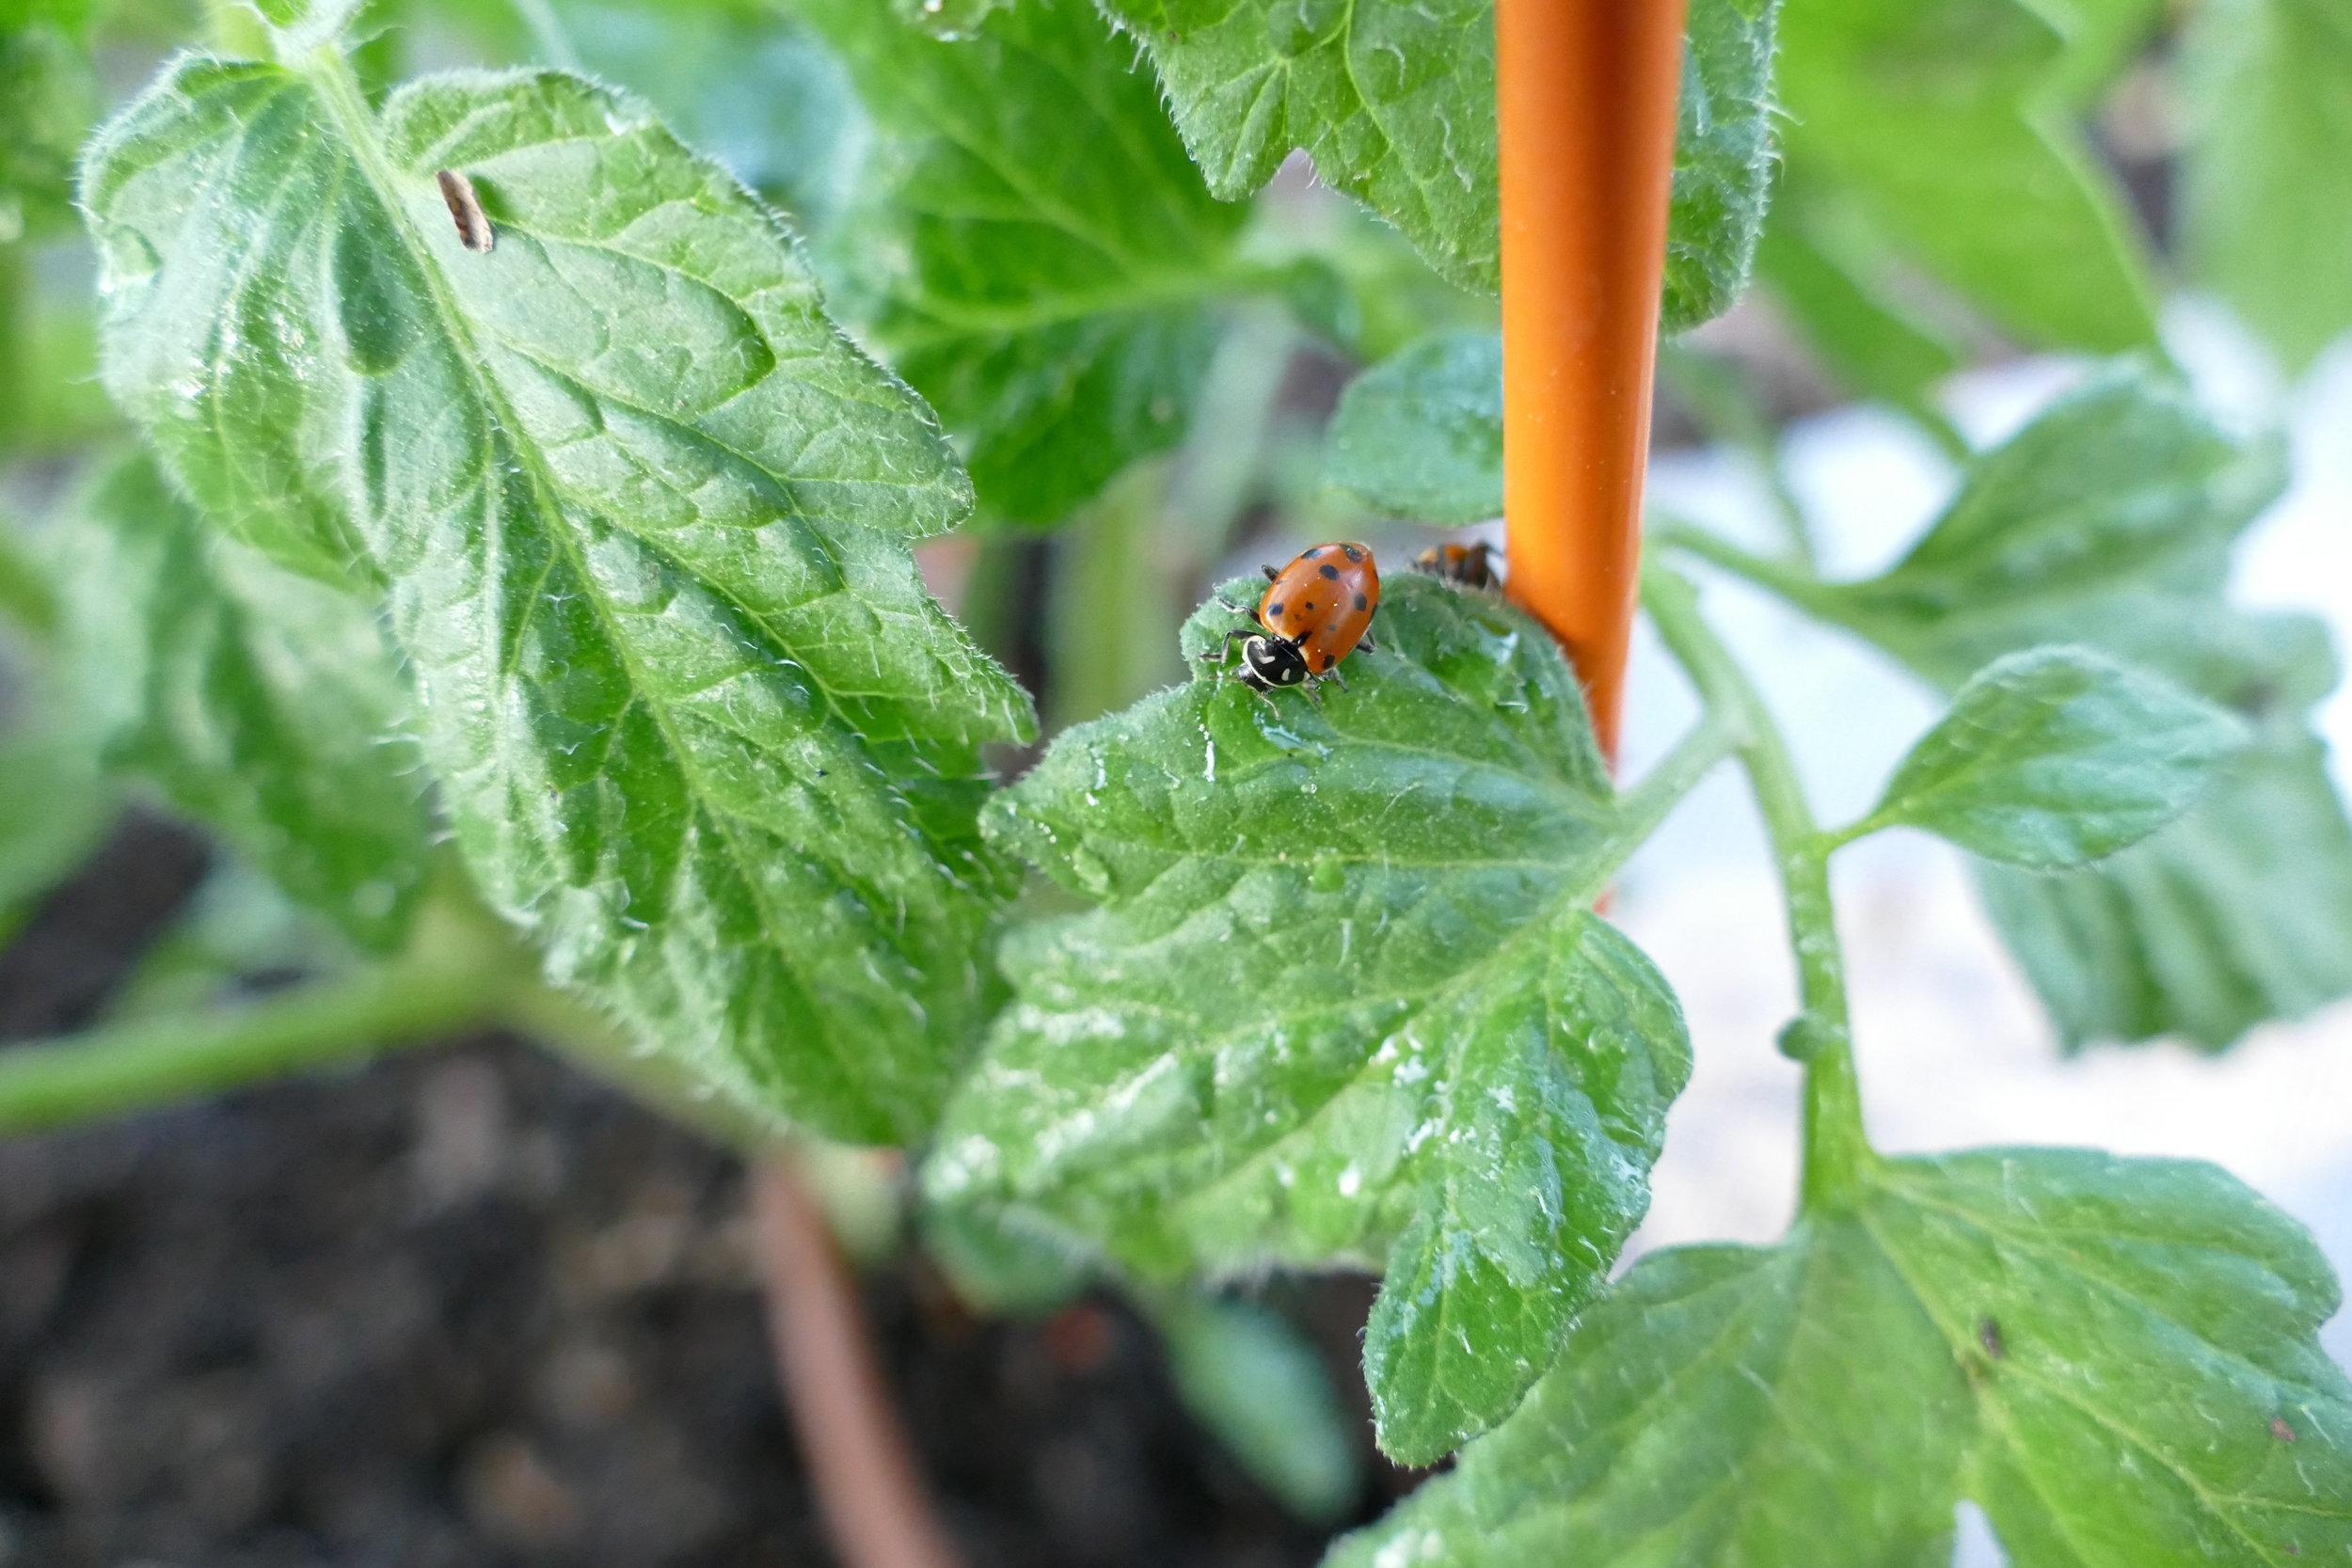 ladybug on tomato plant.JPG